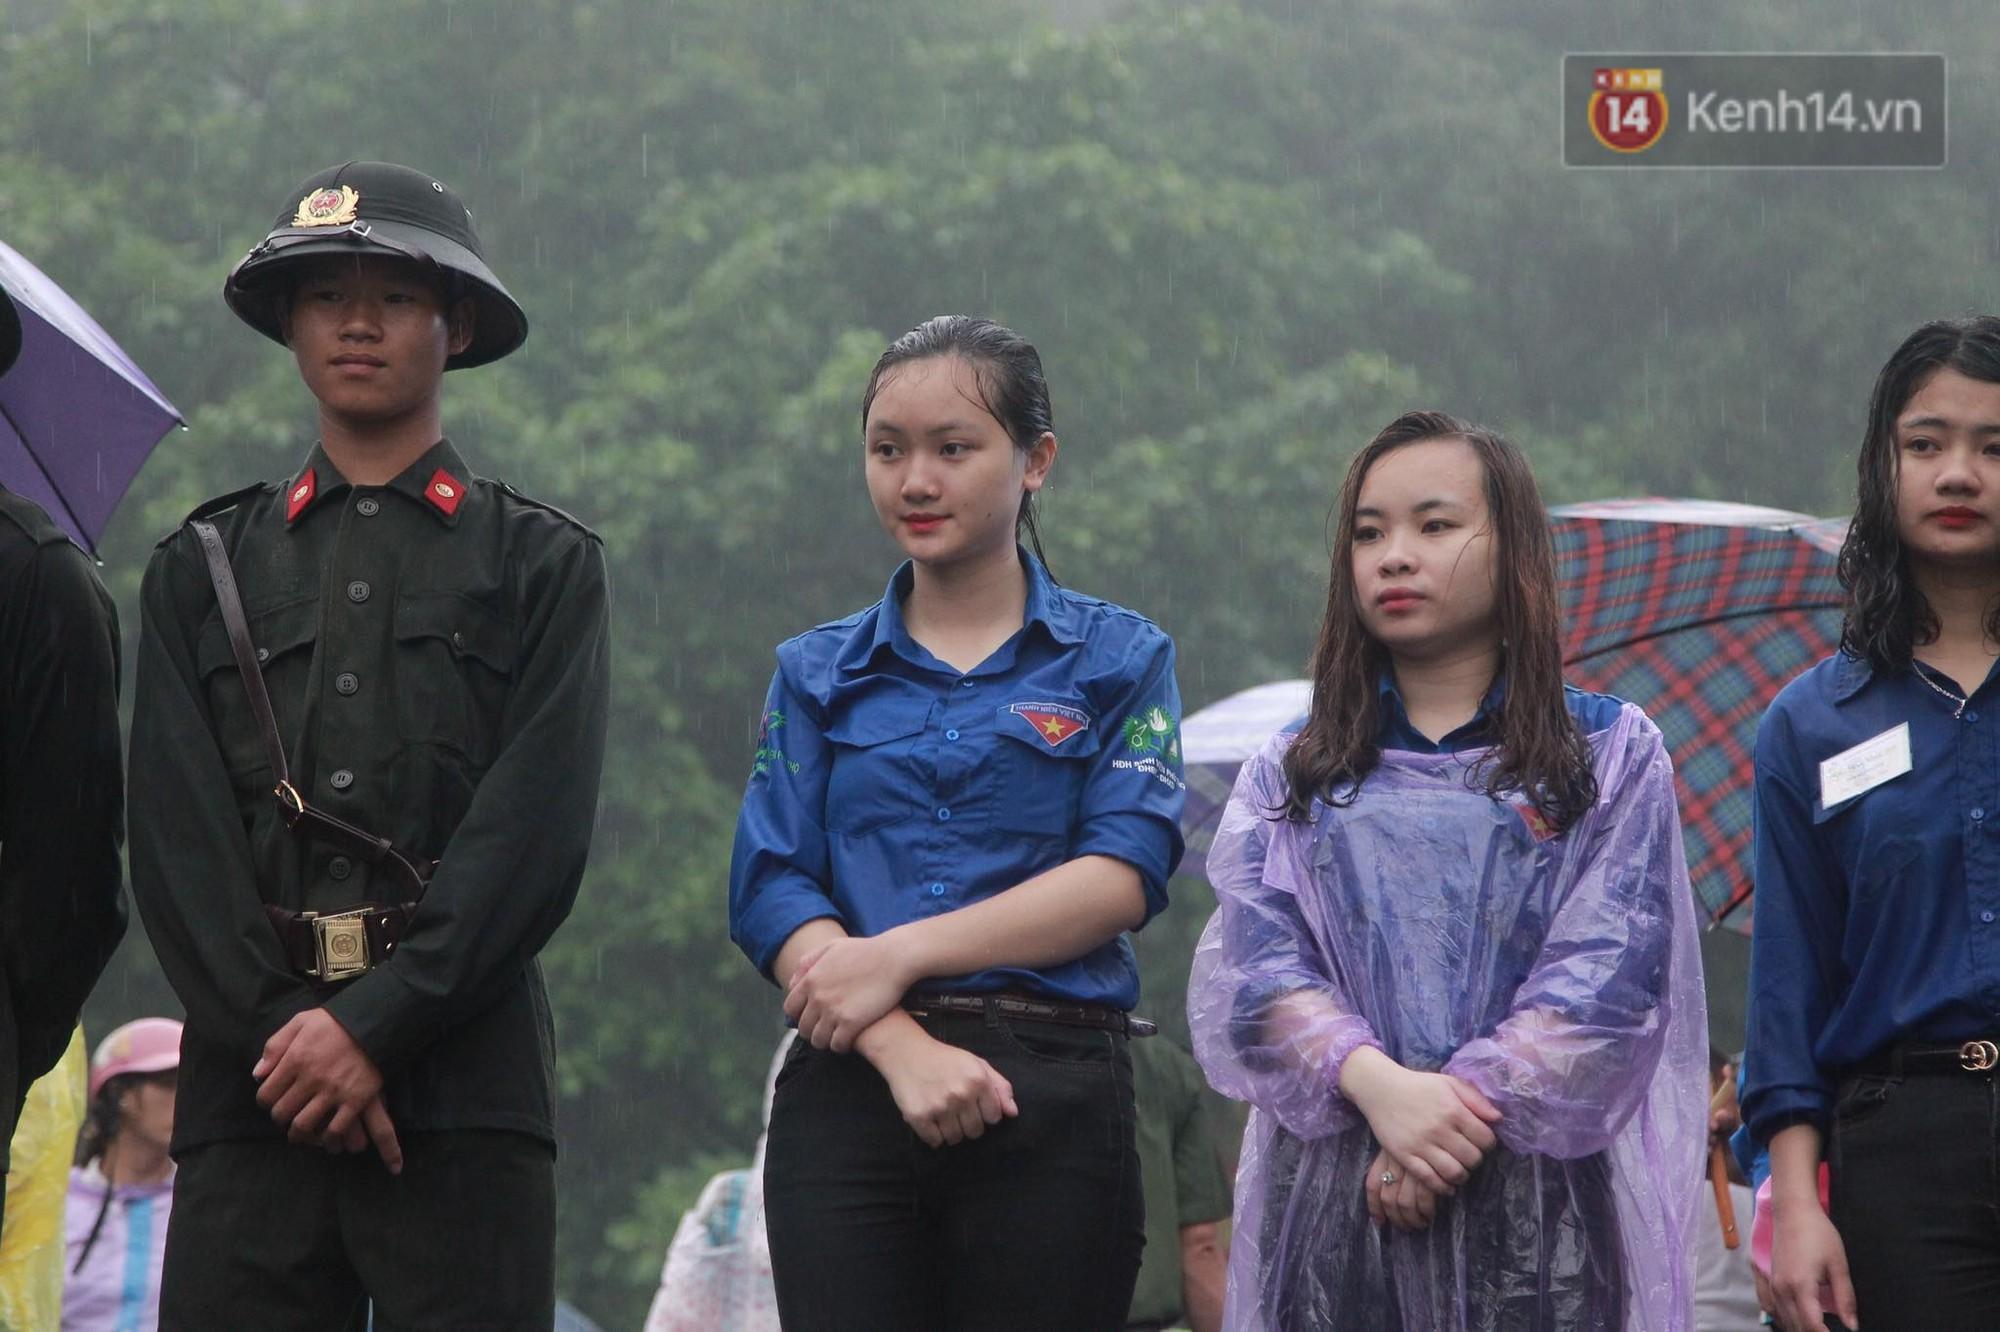 Hàng vạn người dân che ô đi khai hội Đền Hùng, hàng rào sống đứng dưới mưa đảm bảo trật tự 7